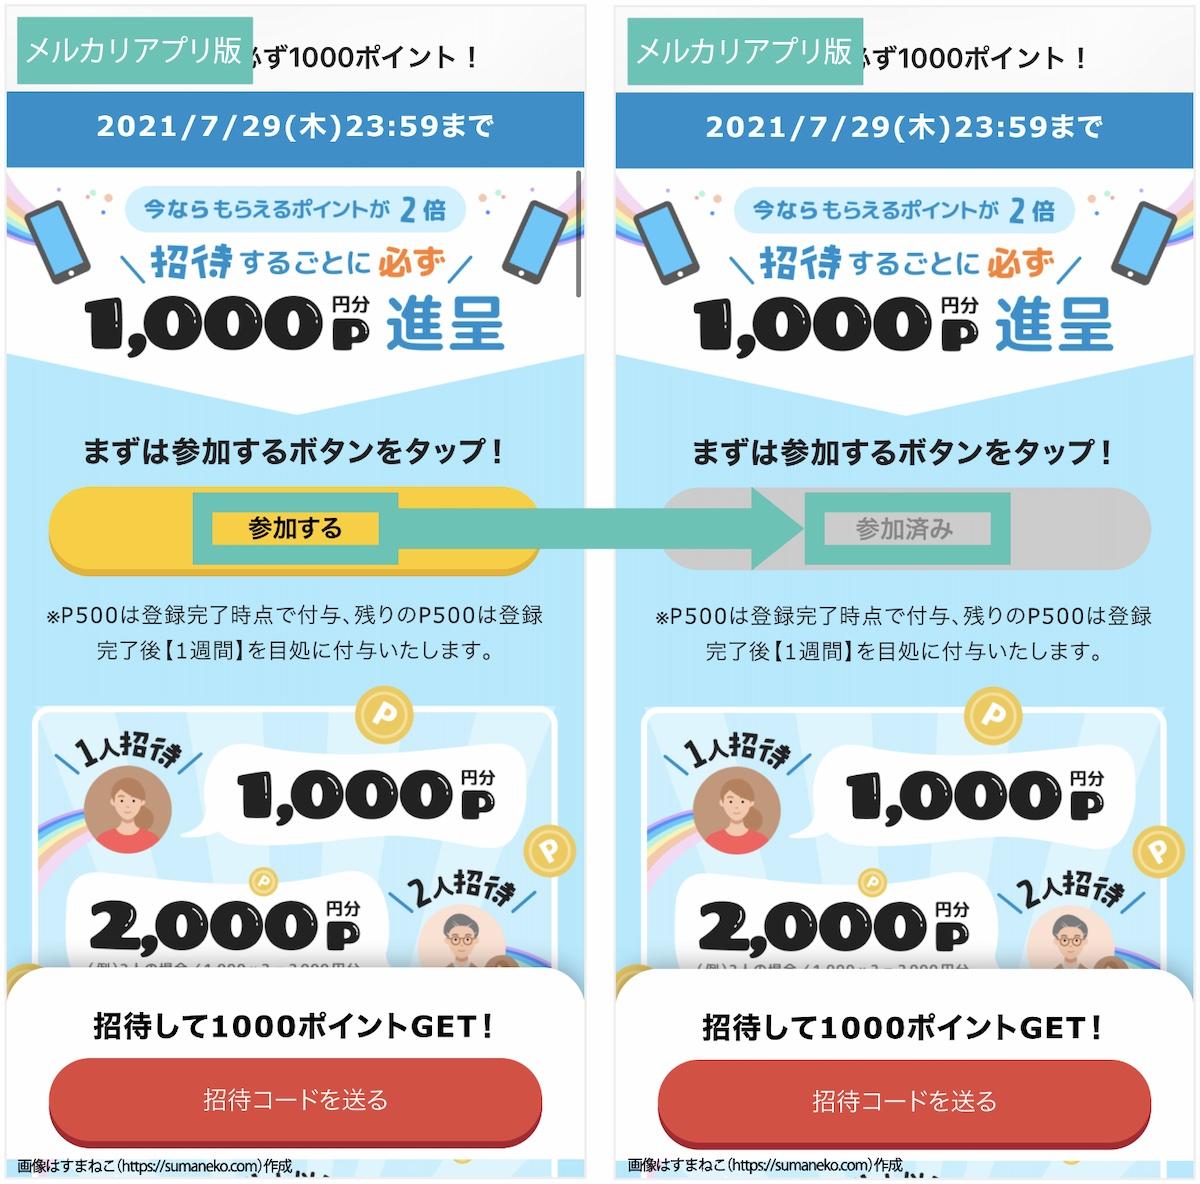 メルカリ「招待した人もされた人も1000ポイントもらえる」キャンペーンの「参加する」ボタンをタップすると「参加済み」ボタンに変わる画面